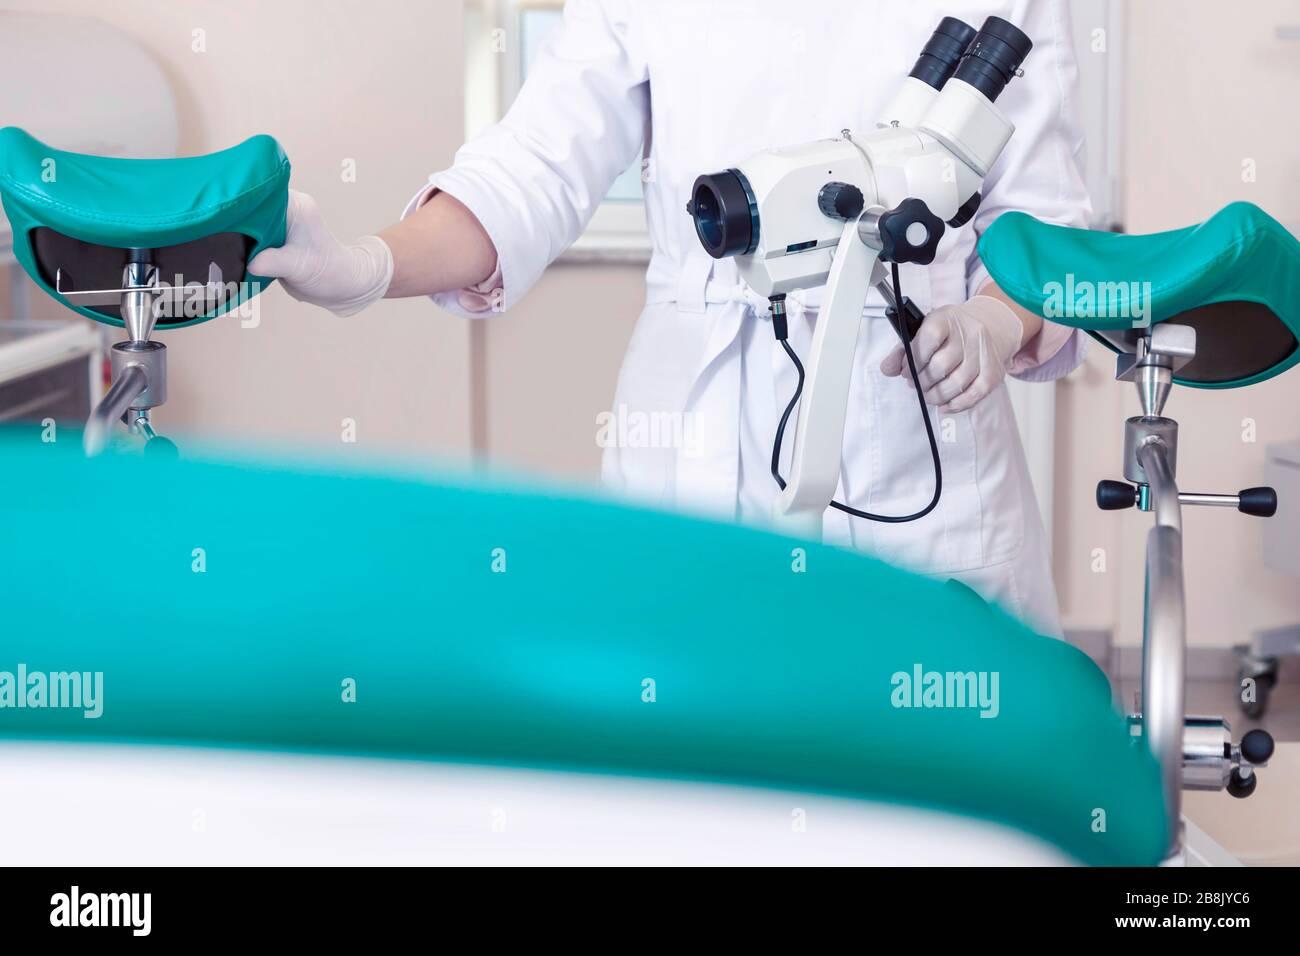 Sala ginecológica con silla y equipo. Manos de la doctora con herramientas para el examen de la salud de la mujer. Foto de stock